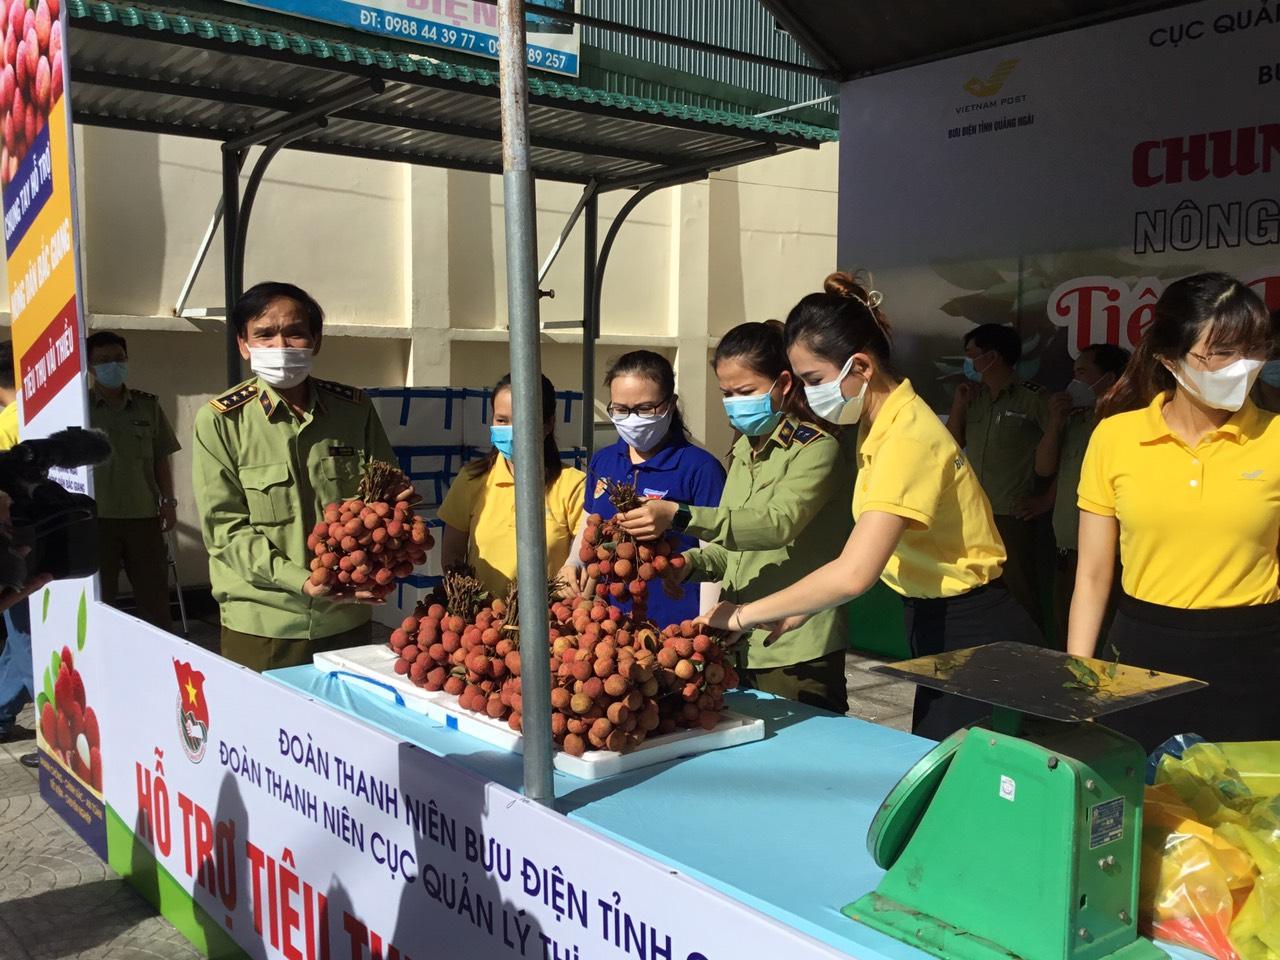 Cục Quản lý thị trường tỉnh Quảng Ngãi phối hợp với Bưu điện tỉnh kết nối tiêu thụ vải thiều Bắc Giang